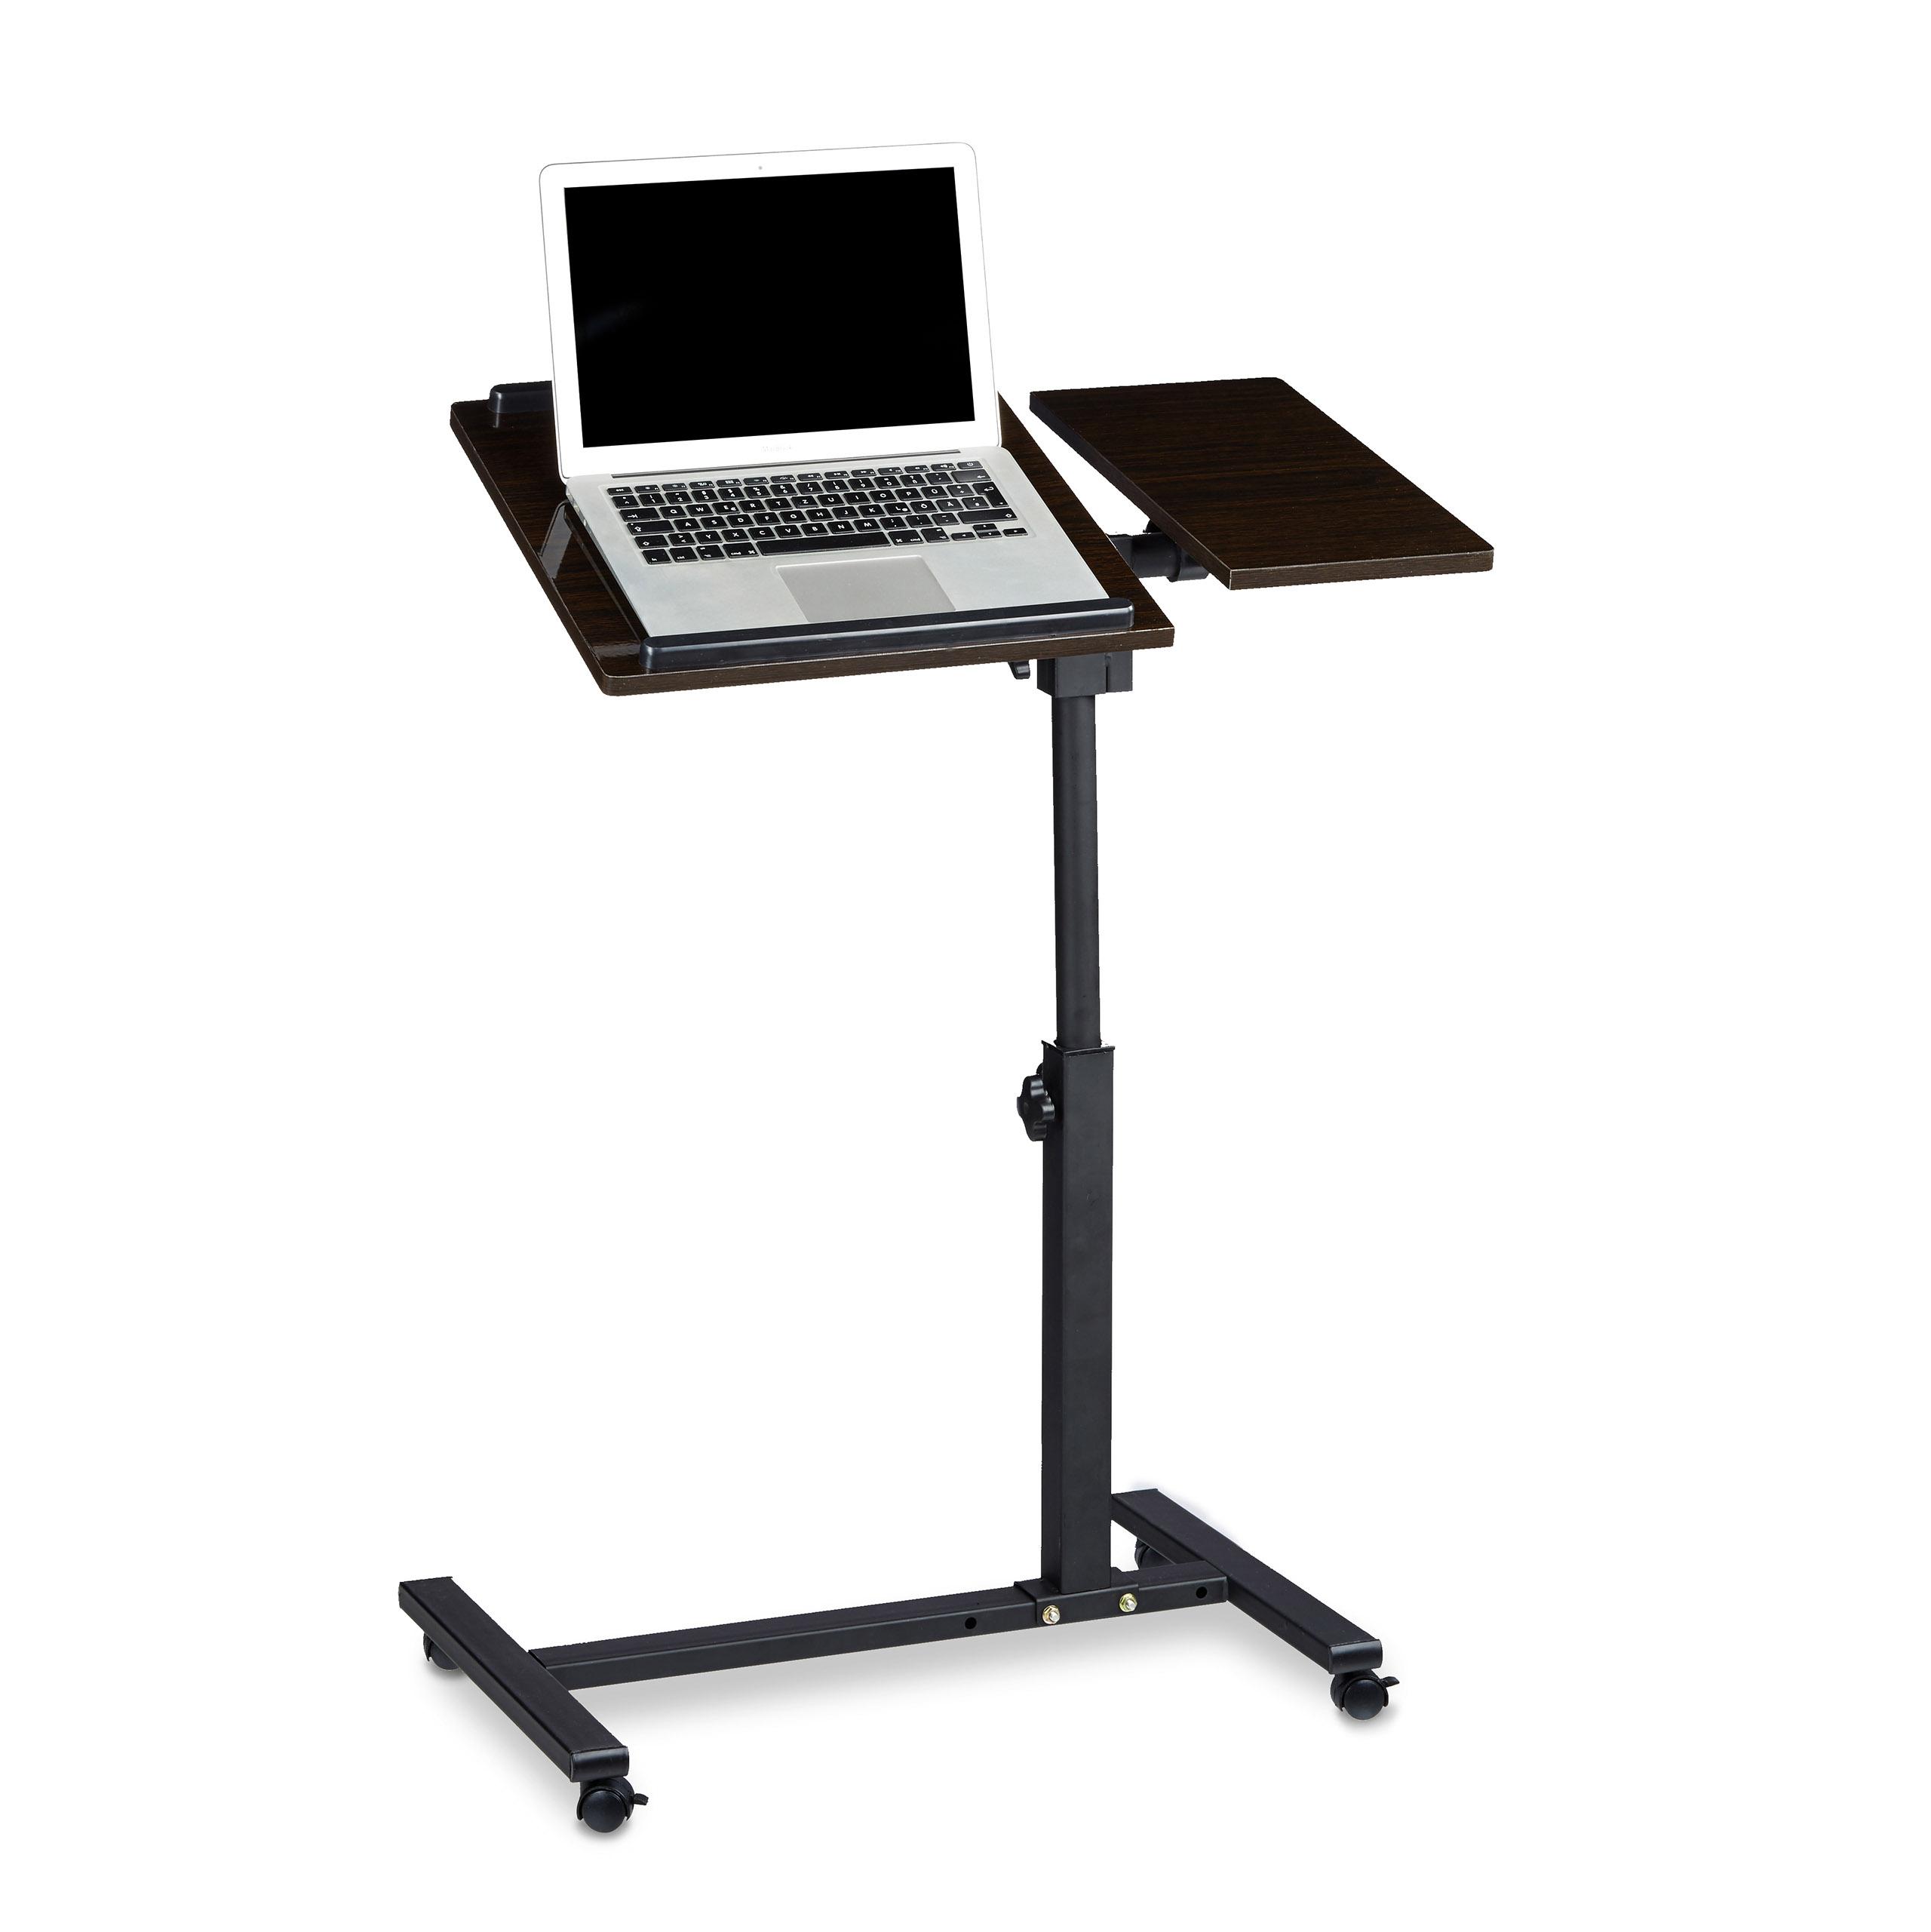 947a5f91b420 MARK Állítható Laptop Asztal - Laptop Tartó Asztal és Állvány - TrendOtthon  Webáruház